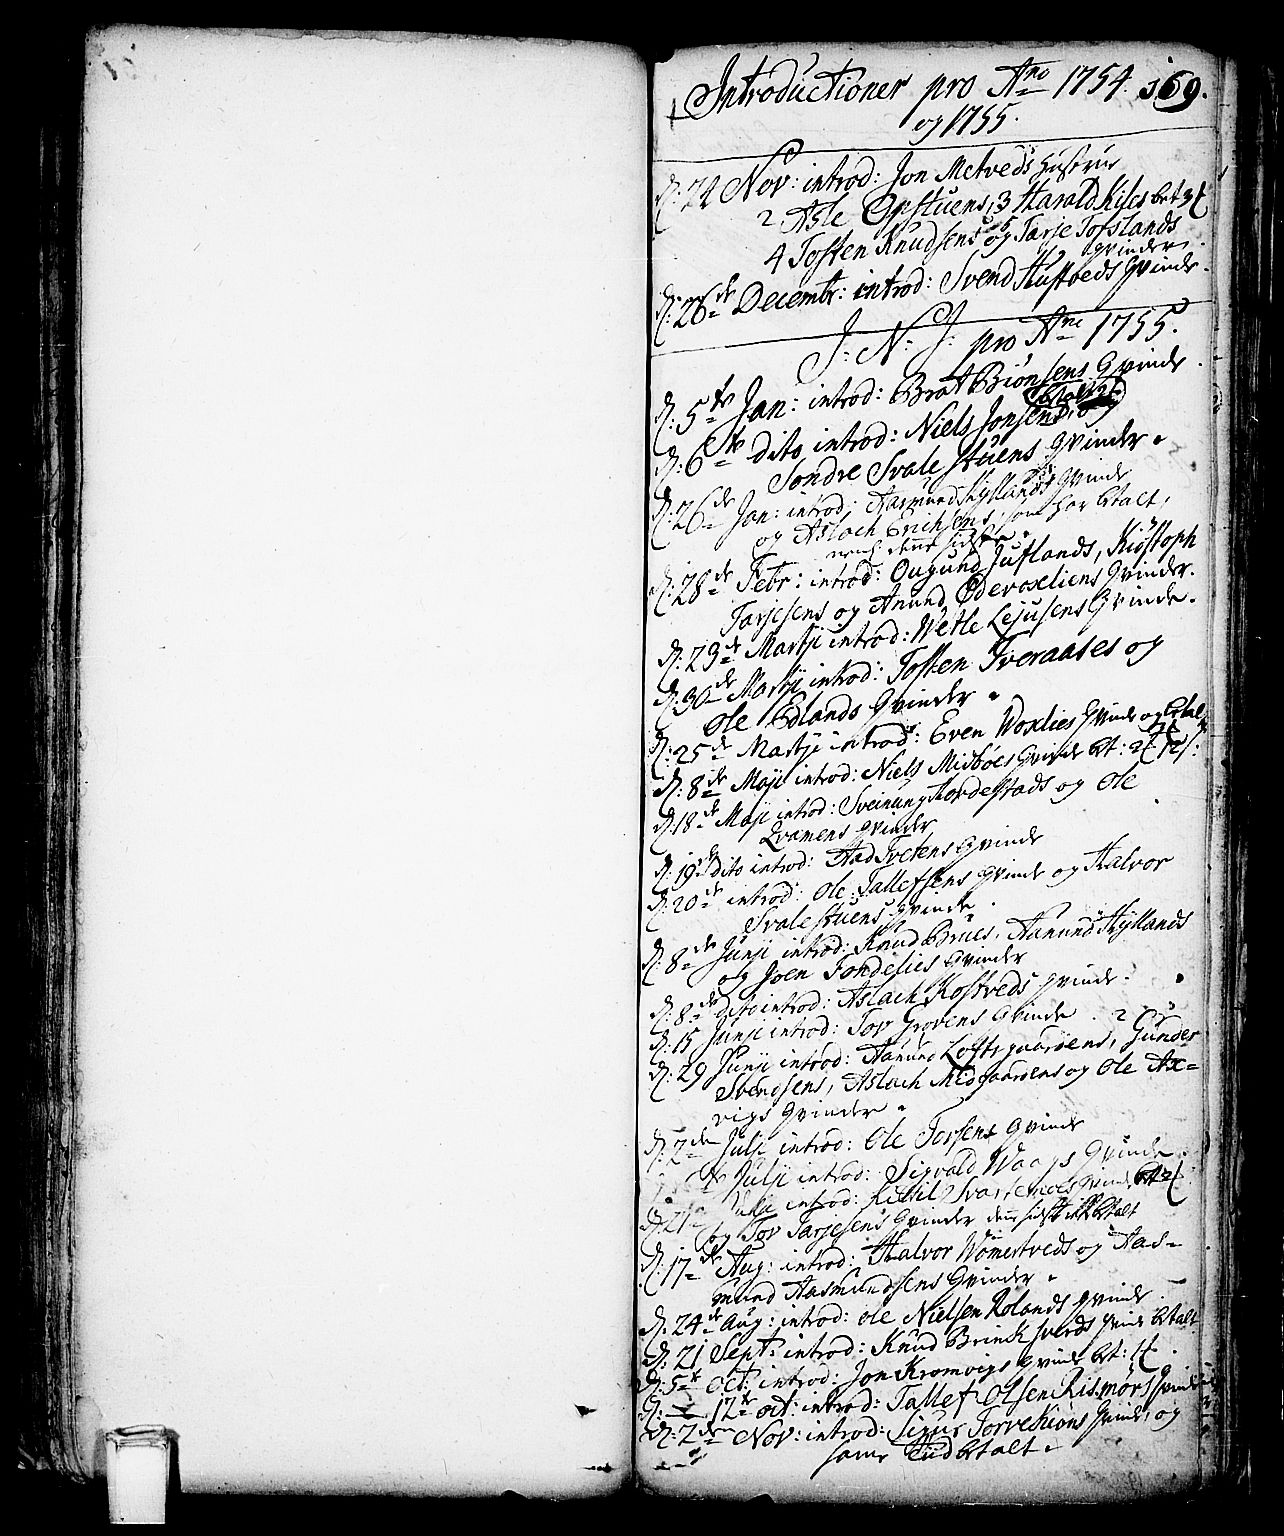 SAKO, Vinje kirkebøker, F/Fa/L0001: Ministerialbok nr. I 1, 1717-1766, s. 169